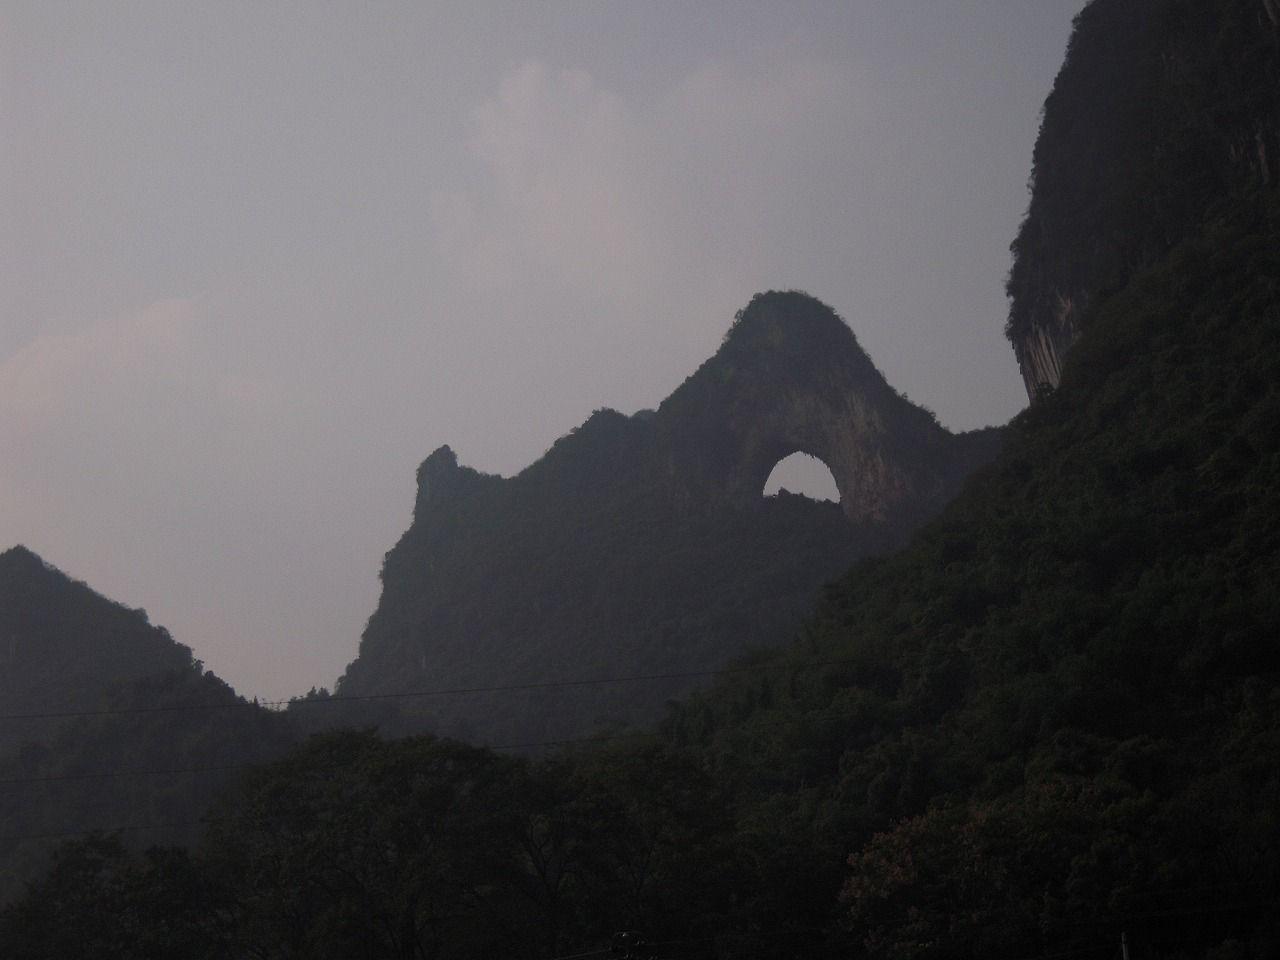 24 Yang Shuo 7